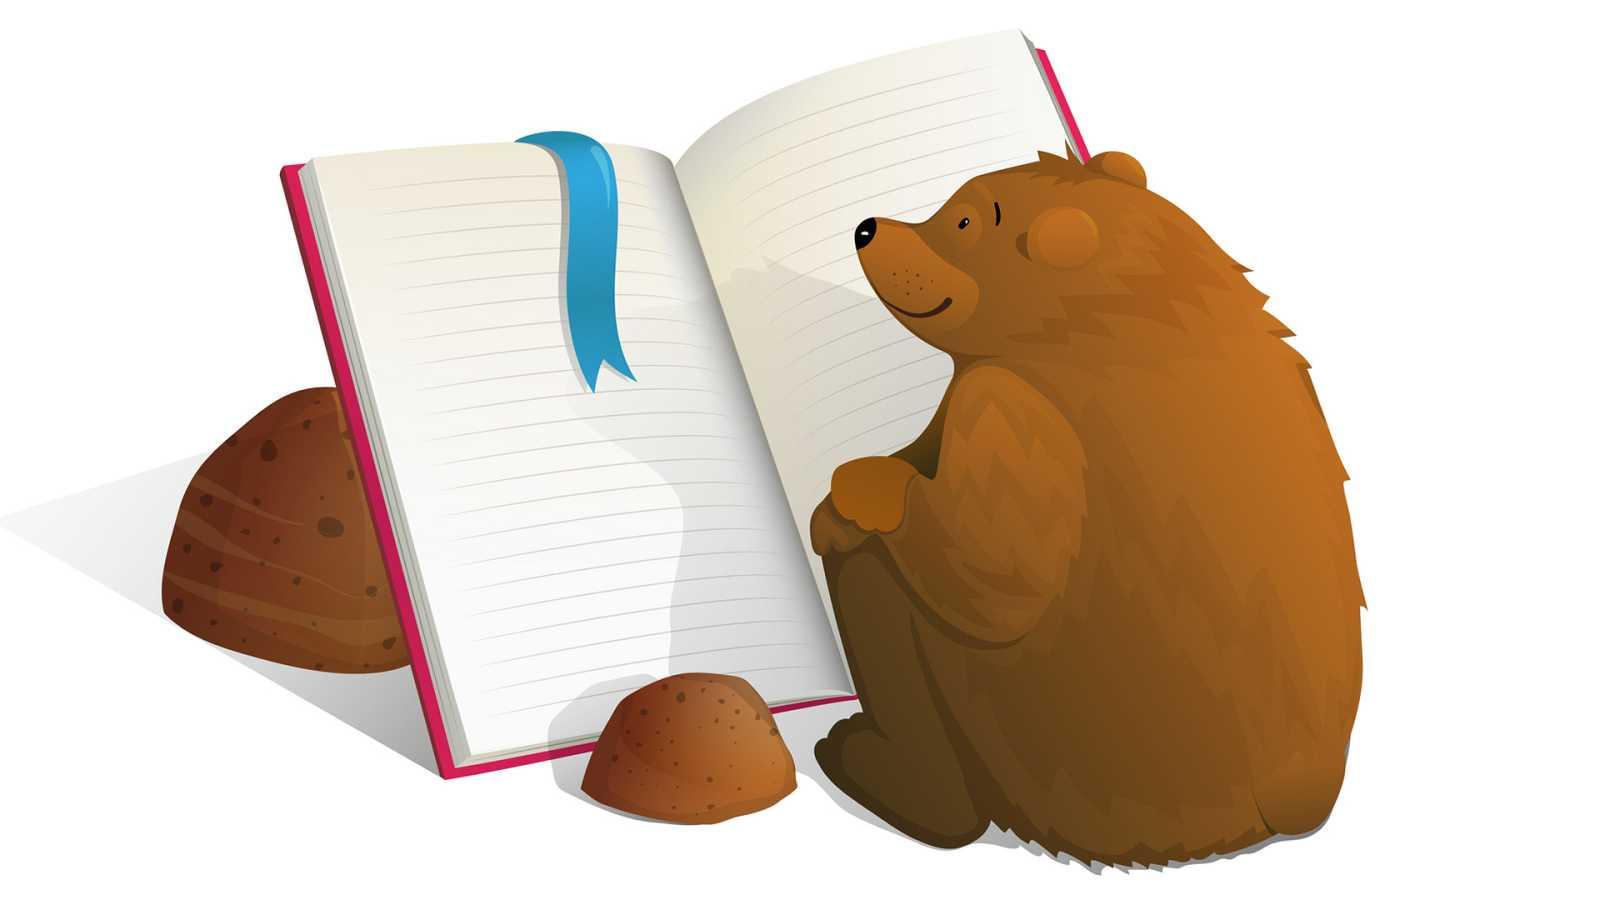 Esto me cuentan - Juan el oso - Escuchar ahora